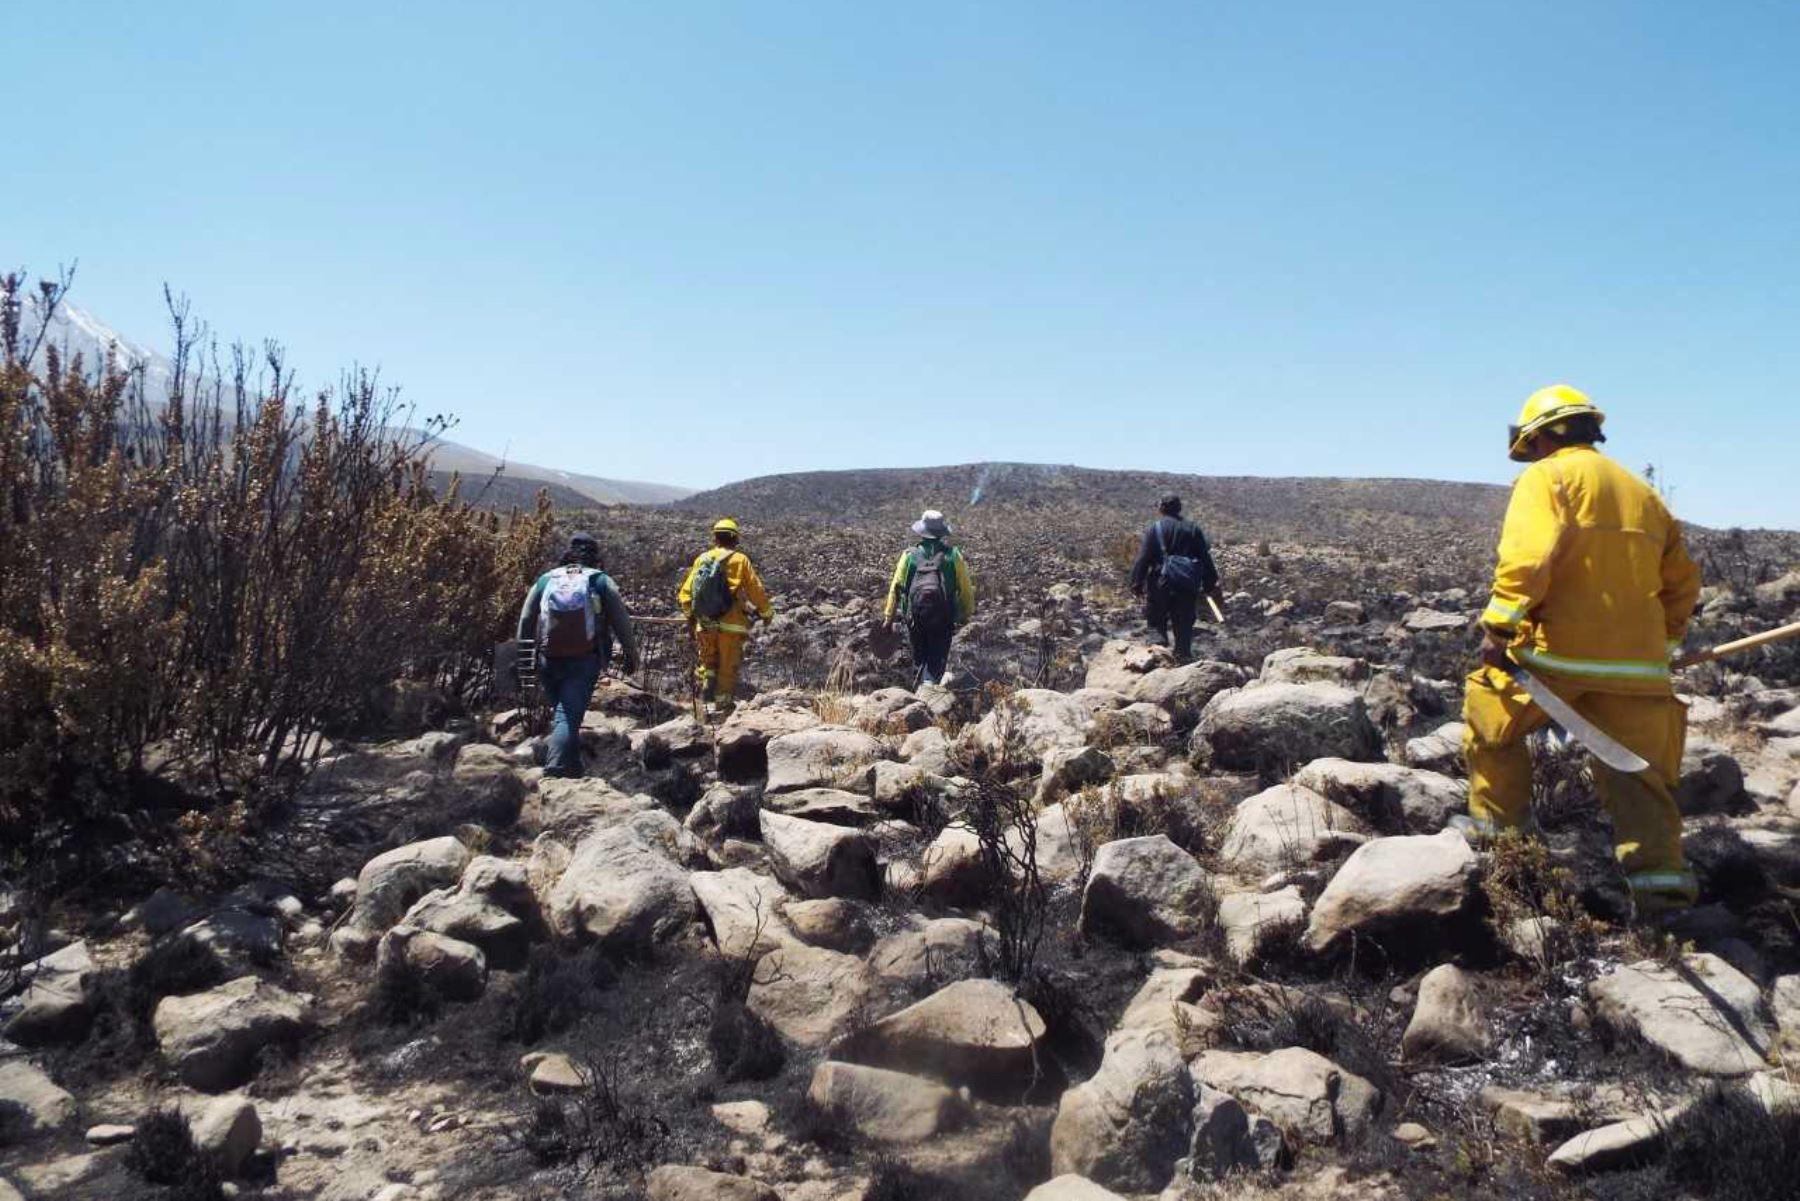 Al menos 70 personas, entre efectivos policiales y pobladores del distrito de Pocsi, ubicado en Arequipa, participan en labores de liquidación de posibles focos de fuego en la zona donde se registró el incendio forestal, que en la víspera fue sofocado con apoyo de la Fuerza Aérea del Perú (FAP). ANDINA/Difusión